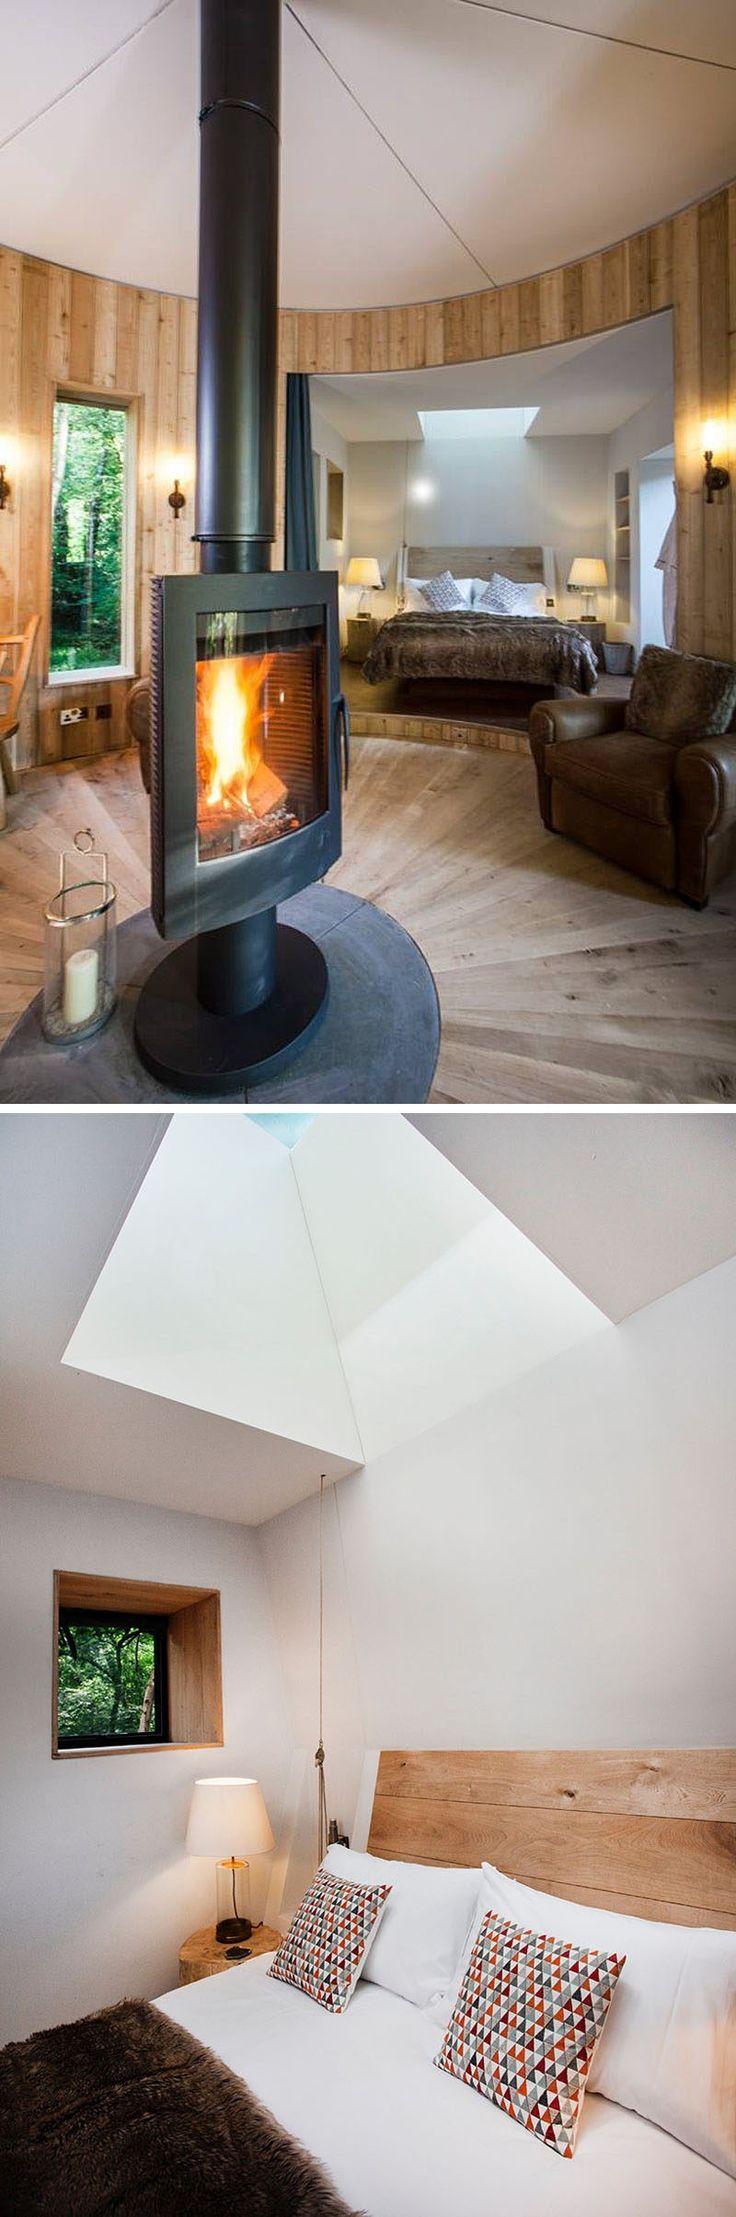 Das Schlafzimmer in dieser modernen Baumhaus zeichnet sich durch einen leicht erhöhten Boden, weiße Wände und ein Oberlicht.